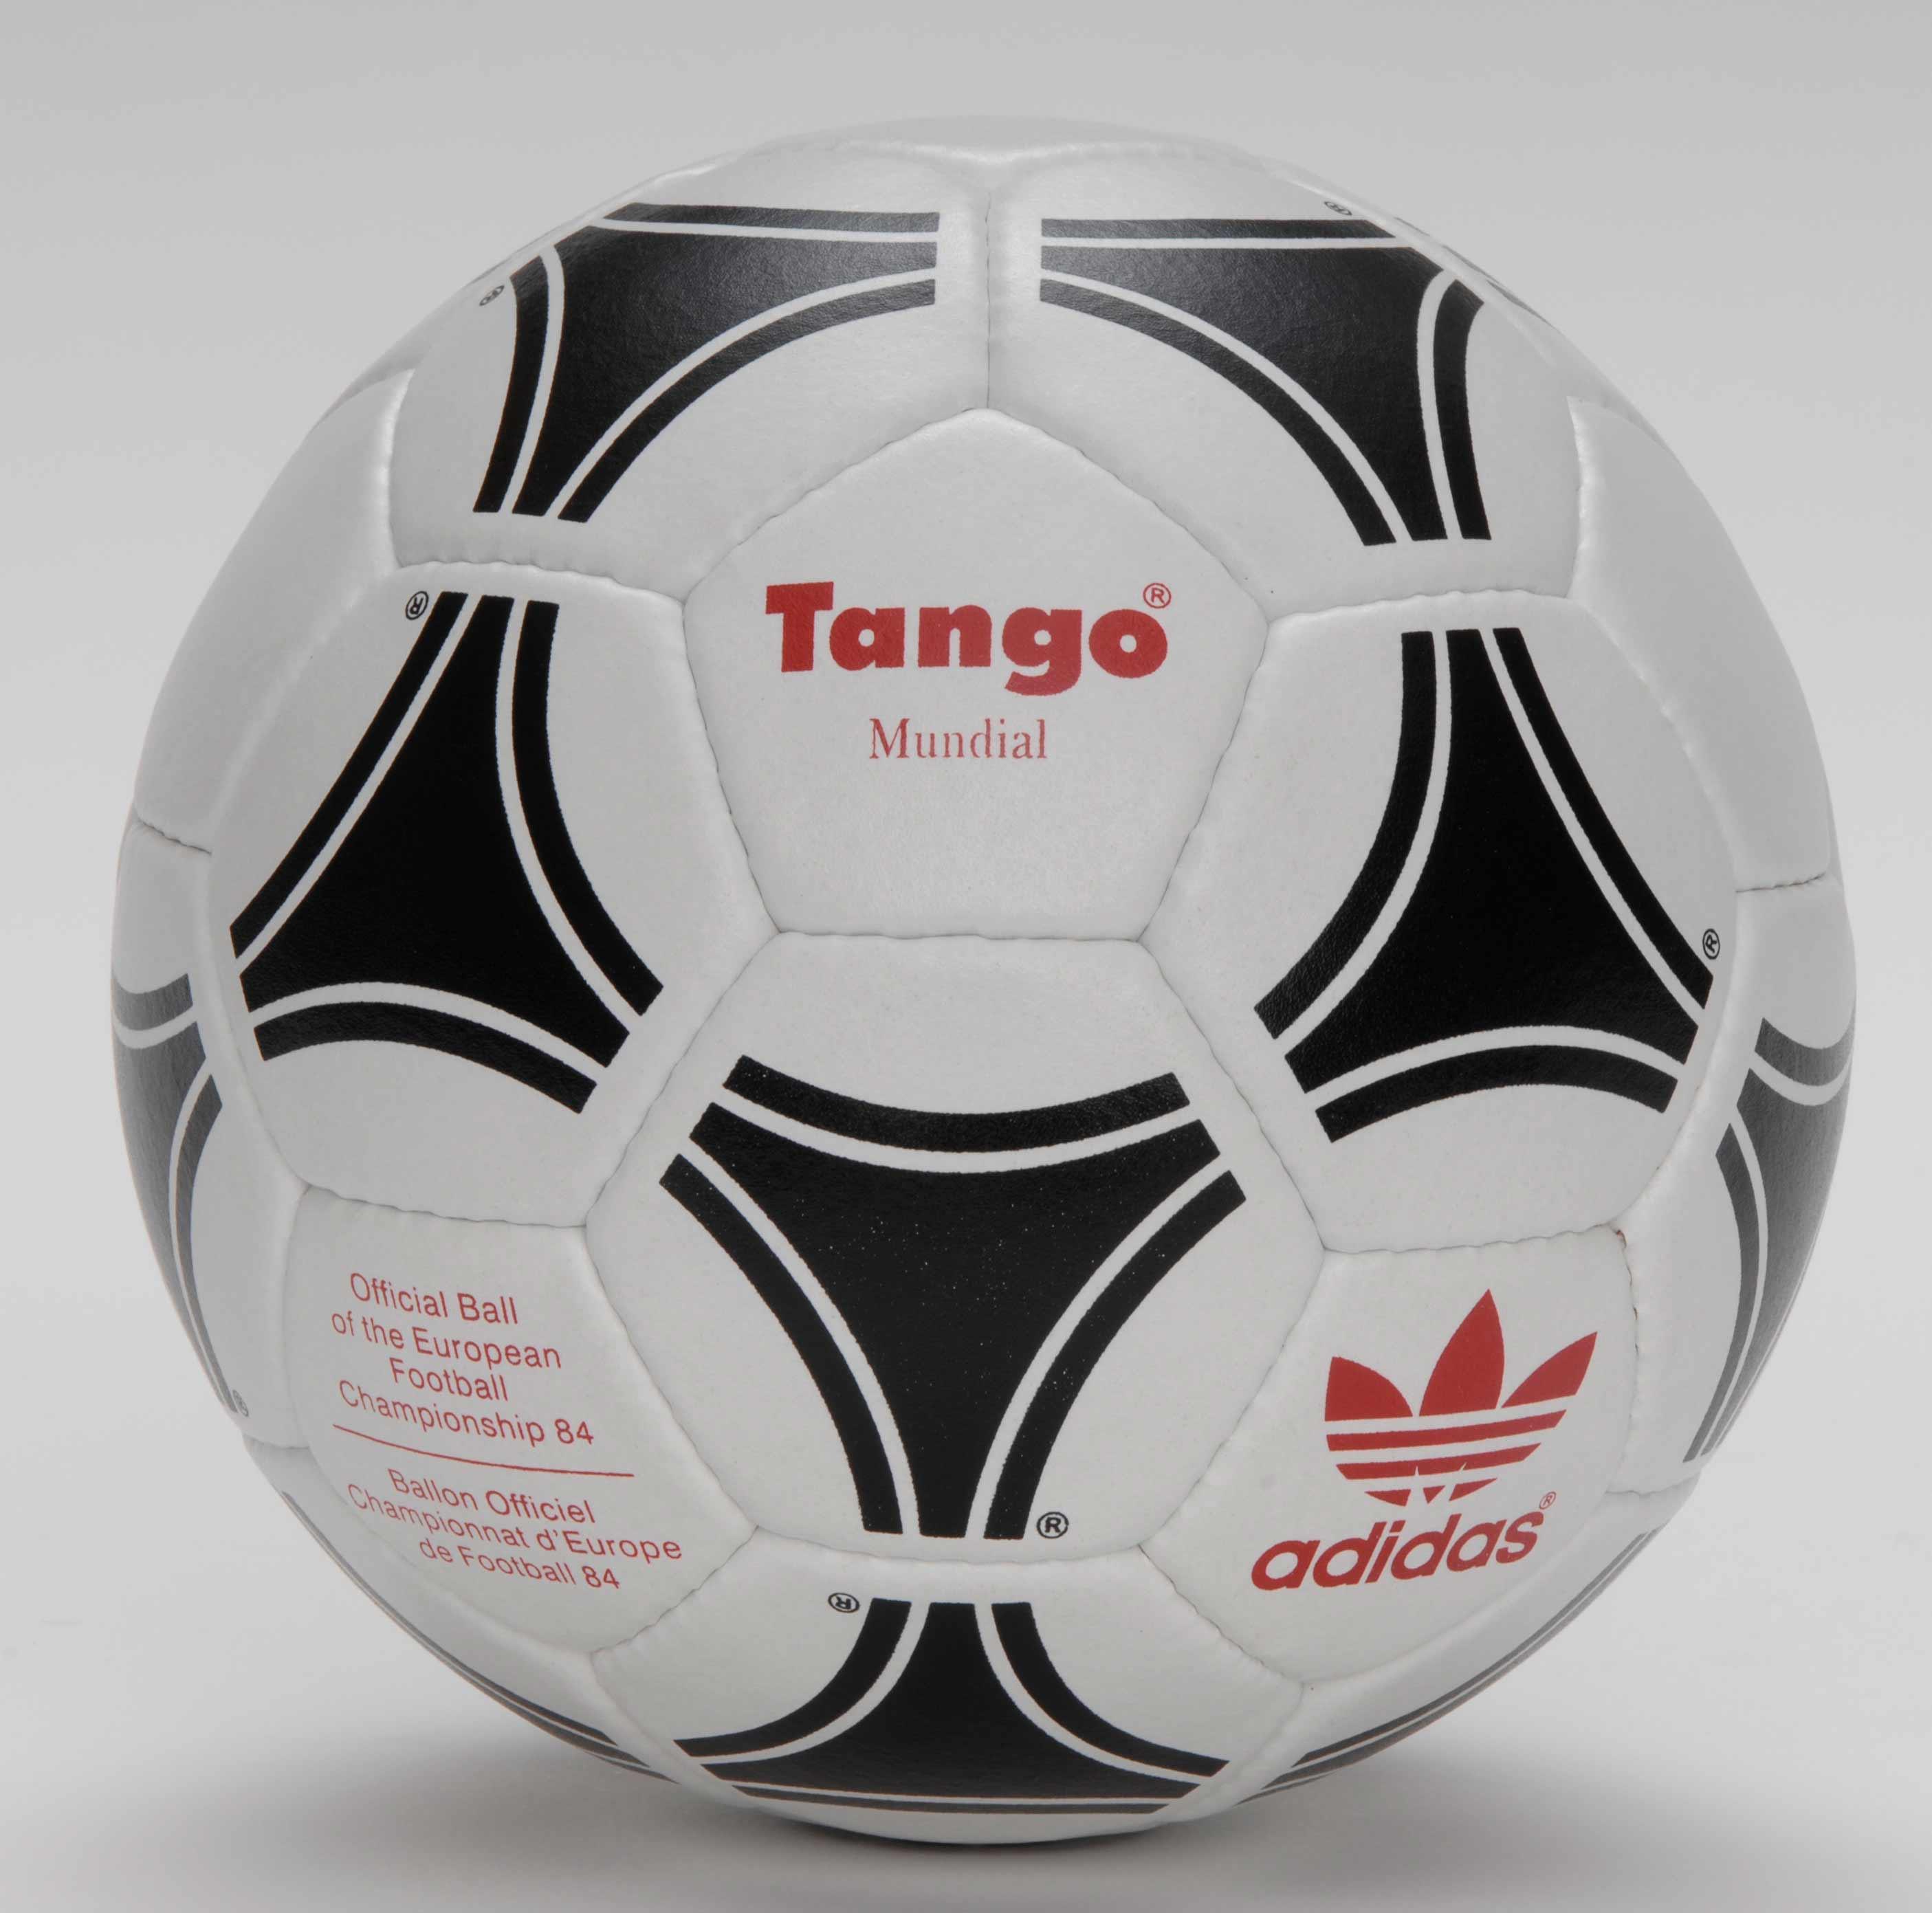 tango_mundial_1984